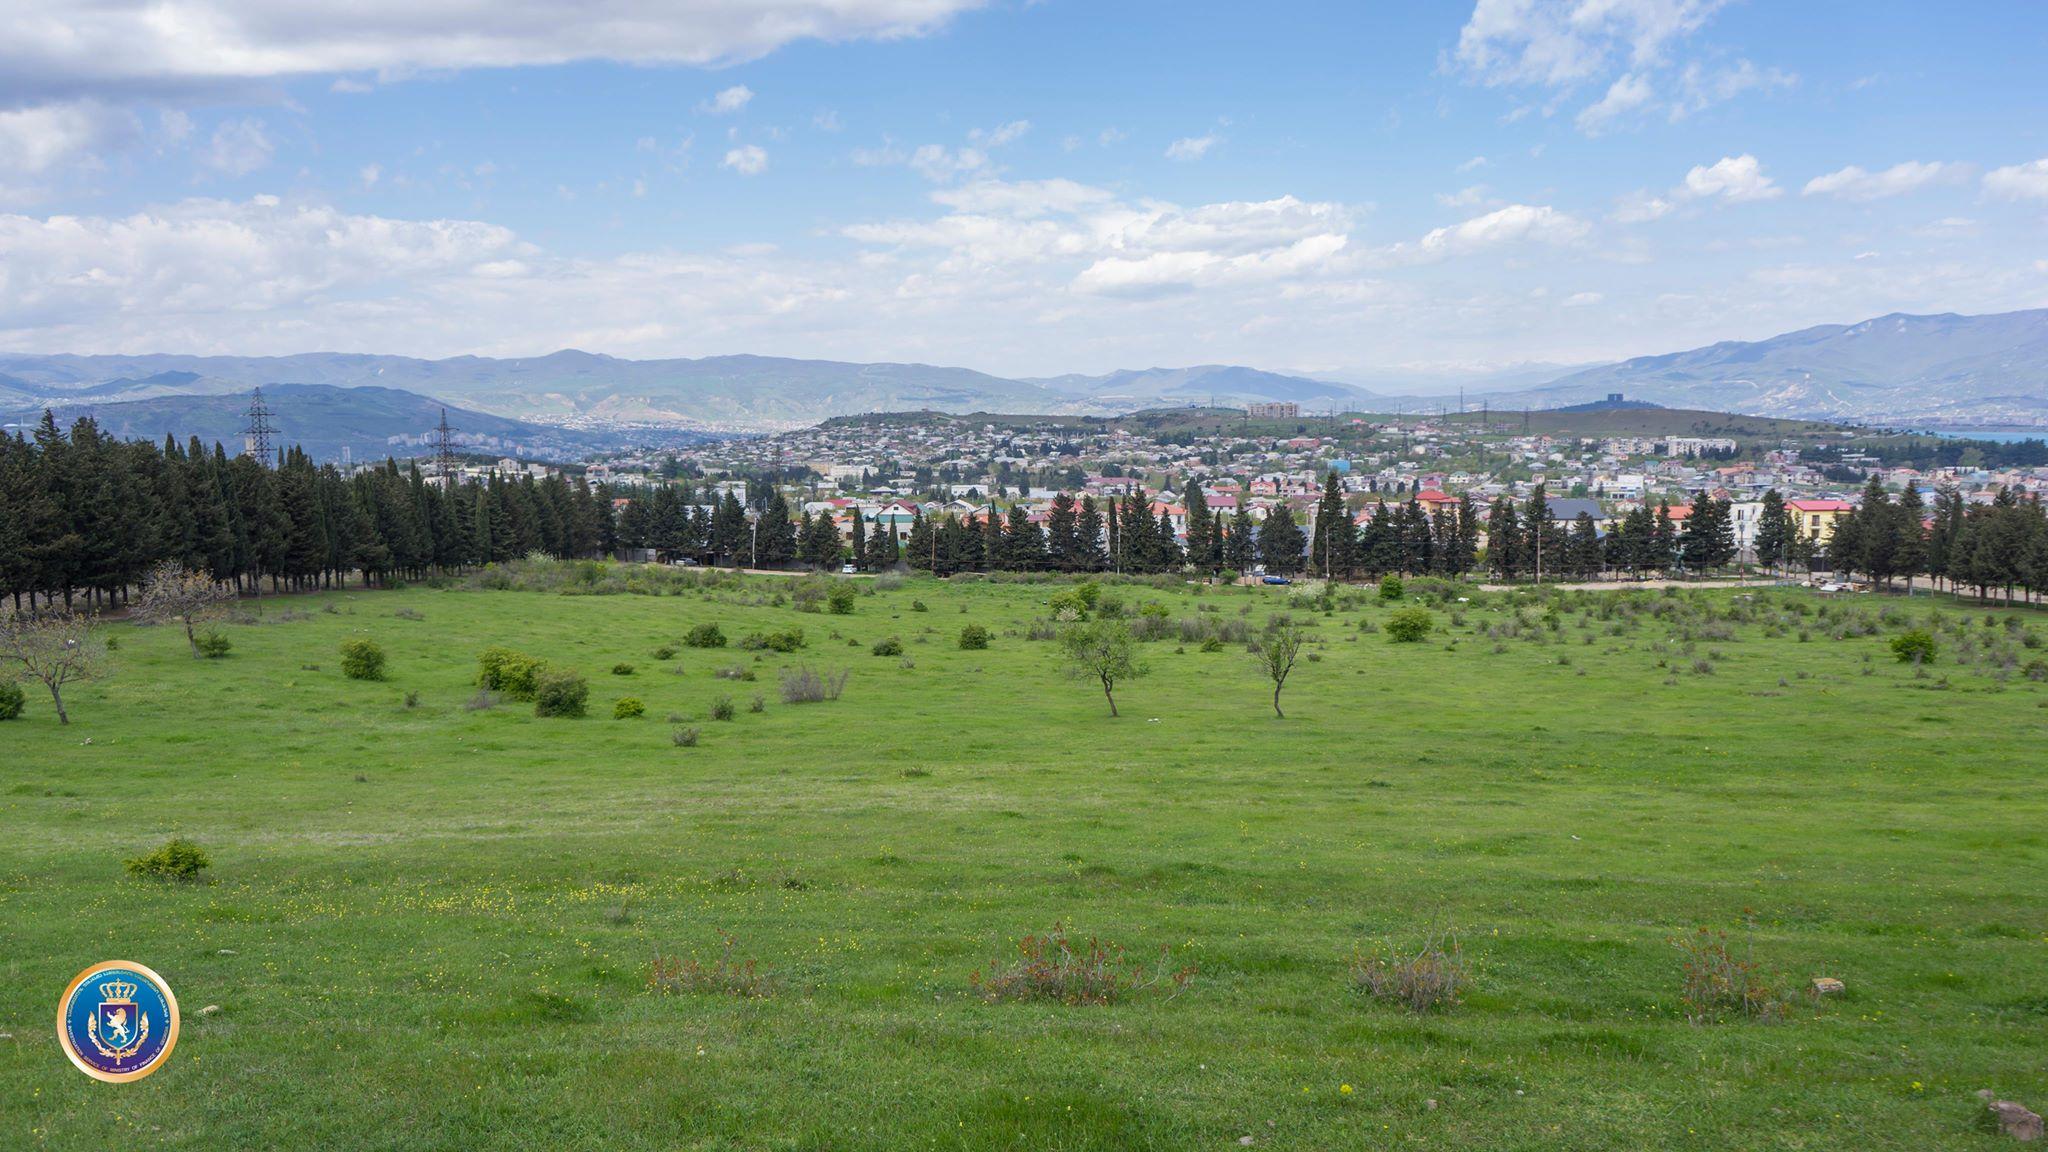 ყოფილი დენდროლოგიური პარკის ტერიტორიაზე არსებული მიწის ნაკვეთების თაღლითურად დაუფლების ფაქტზე 12 პირი პასუხისგებაში მიეცა